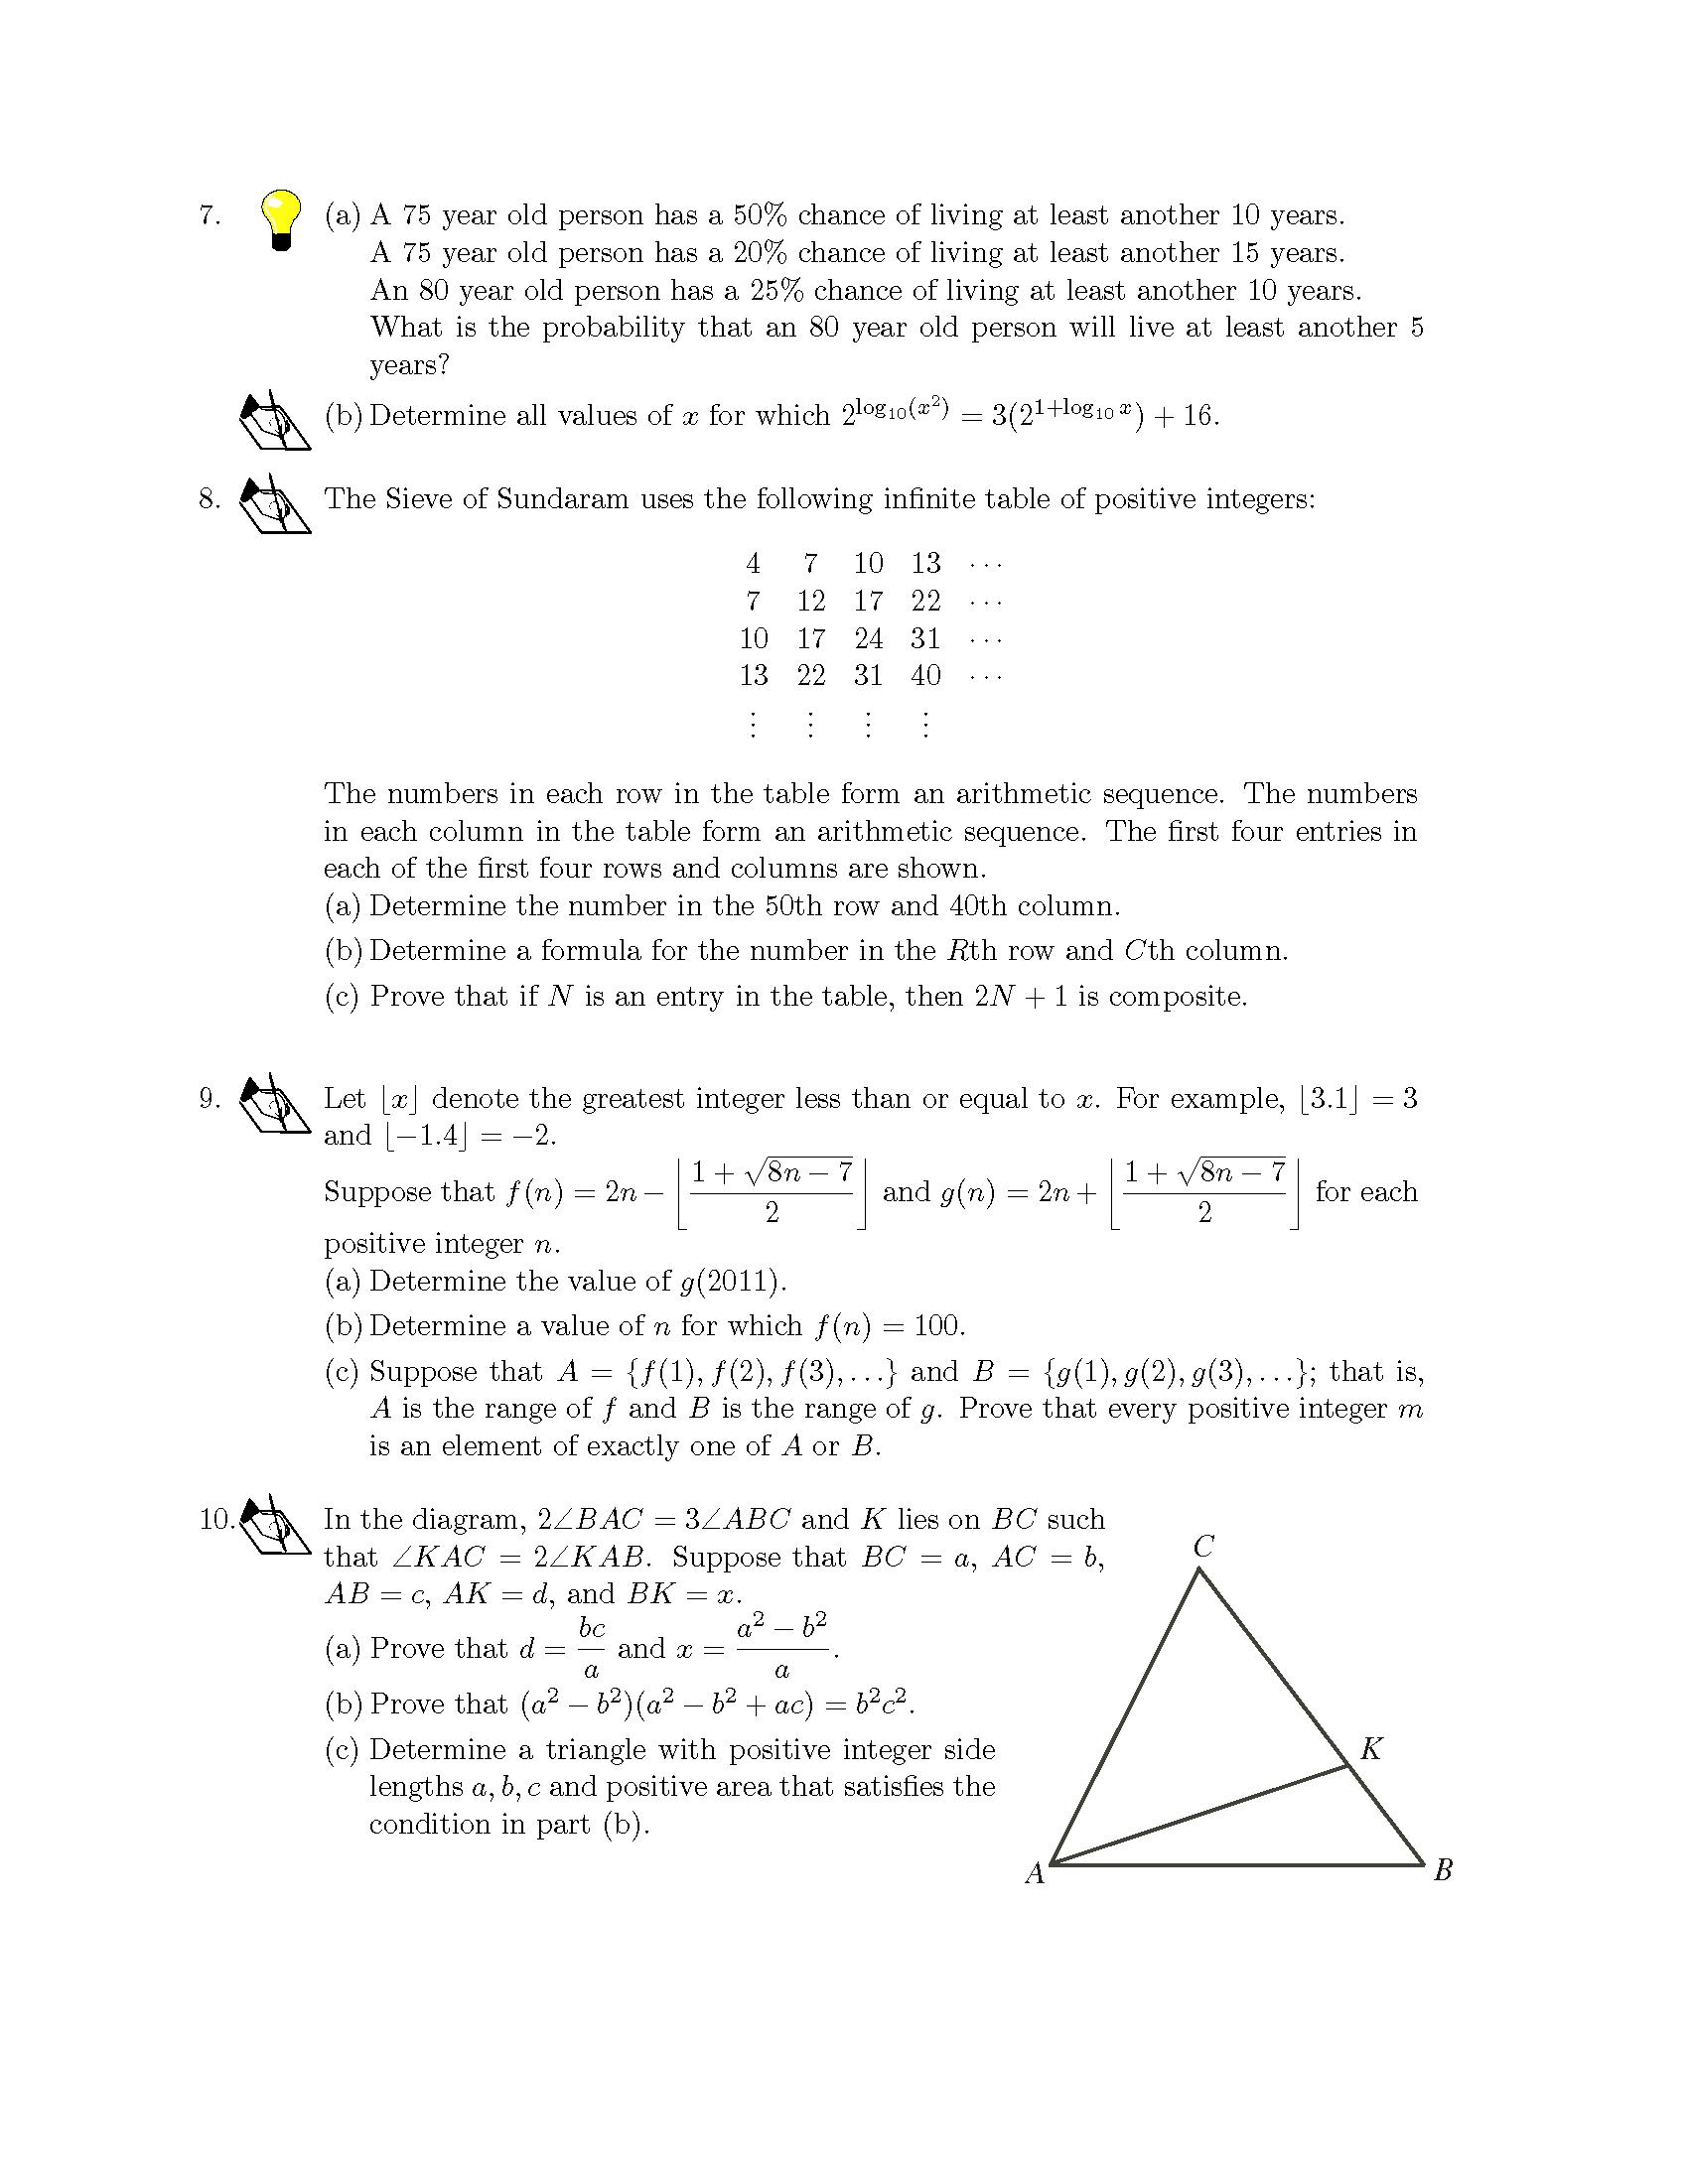 加拿大数学竞赛CMC-Euclid欧几里德数学竞赛2011年真题